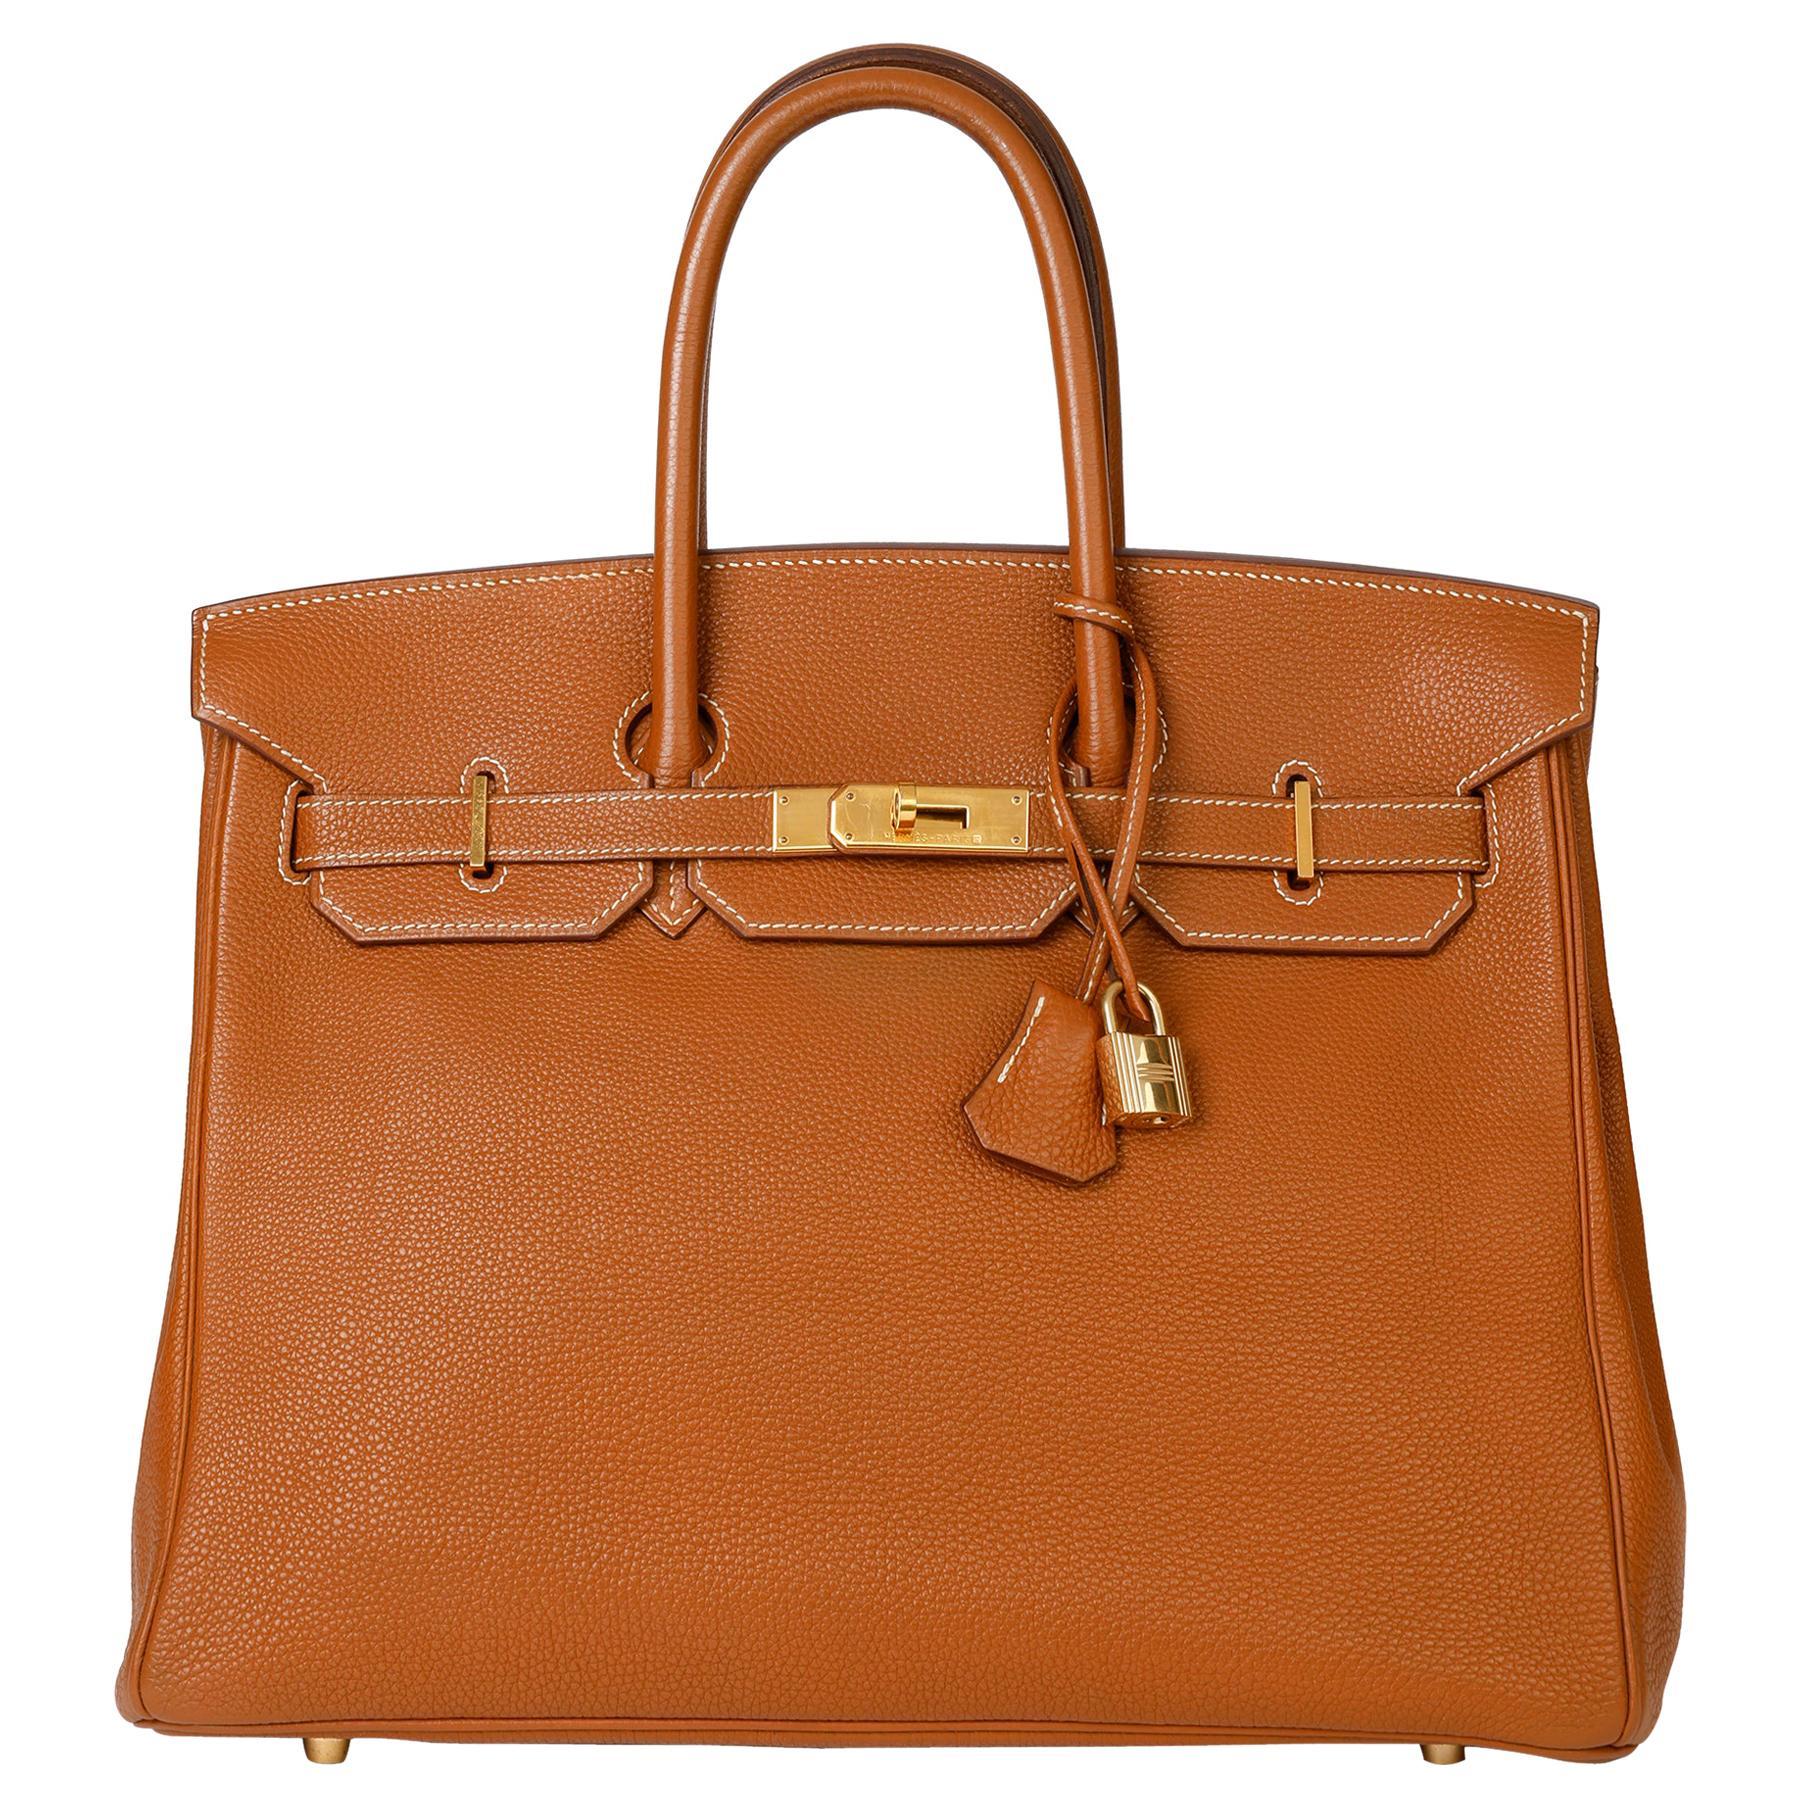 2003 Hermes Gold Togo Leather Birkin 35cm